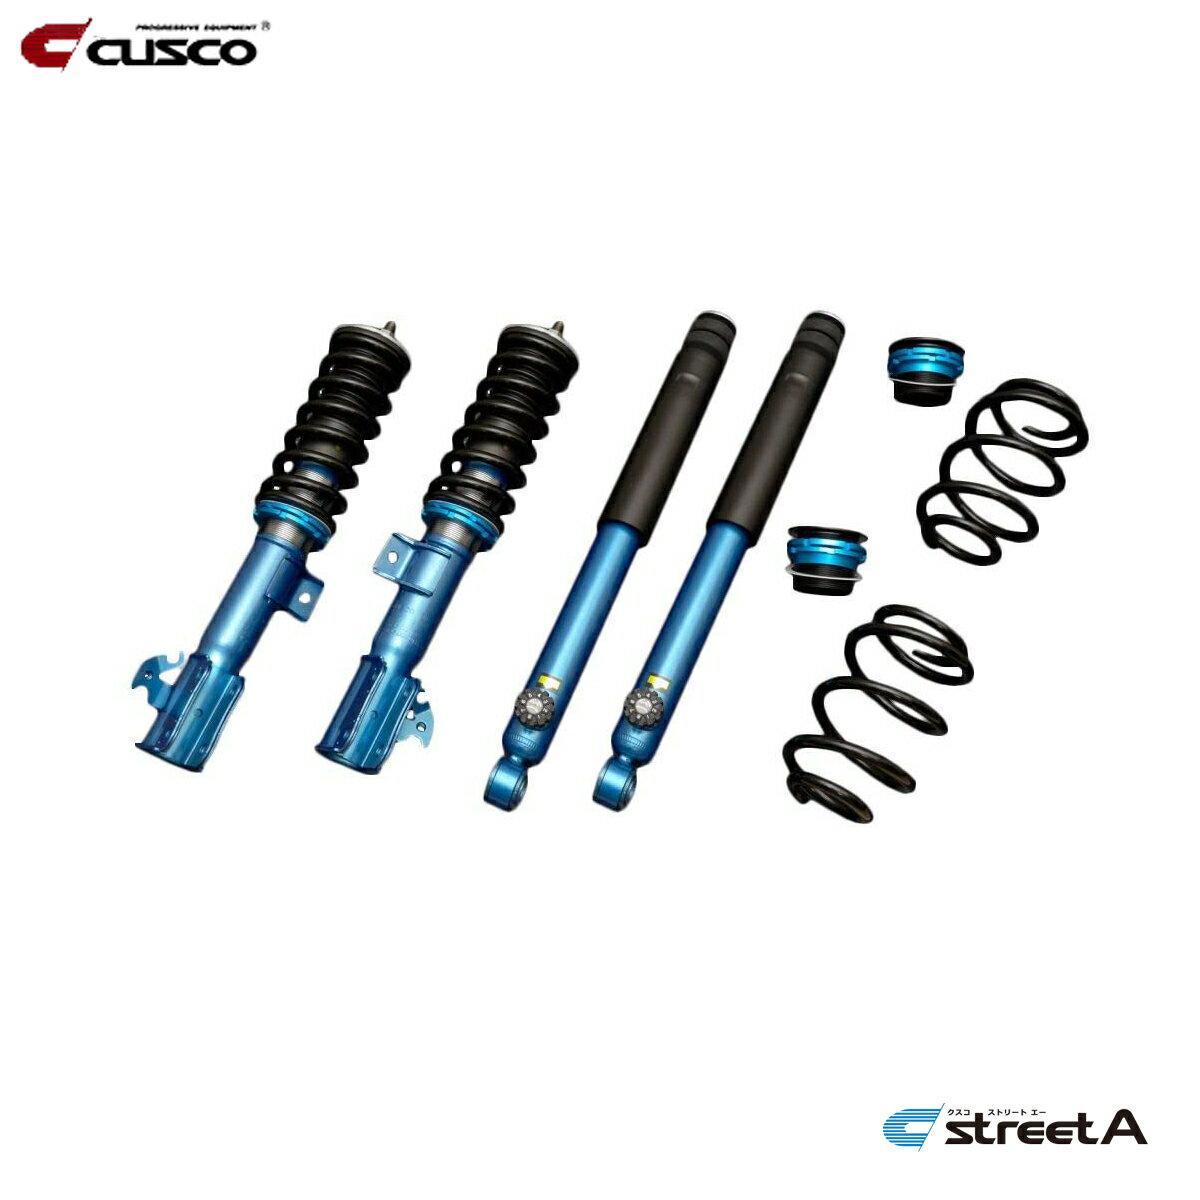 【あす楽対応】 CUSCO CUSCO NSP130 クスコ ヴィッツ NCP131 NSP130 KSP130 全長固定式 車高調 全長固定式 901-62J-CB, 眼鏡屋 Smile eye:c8946984 --- easassoinfo.bsagroup.fr